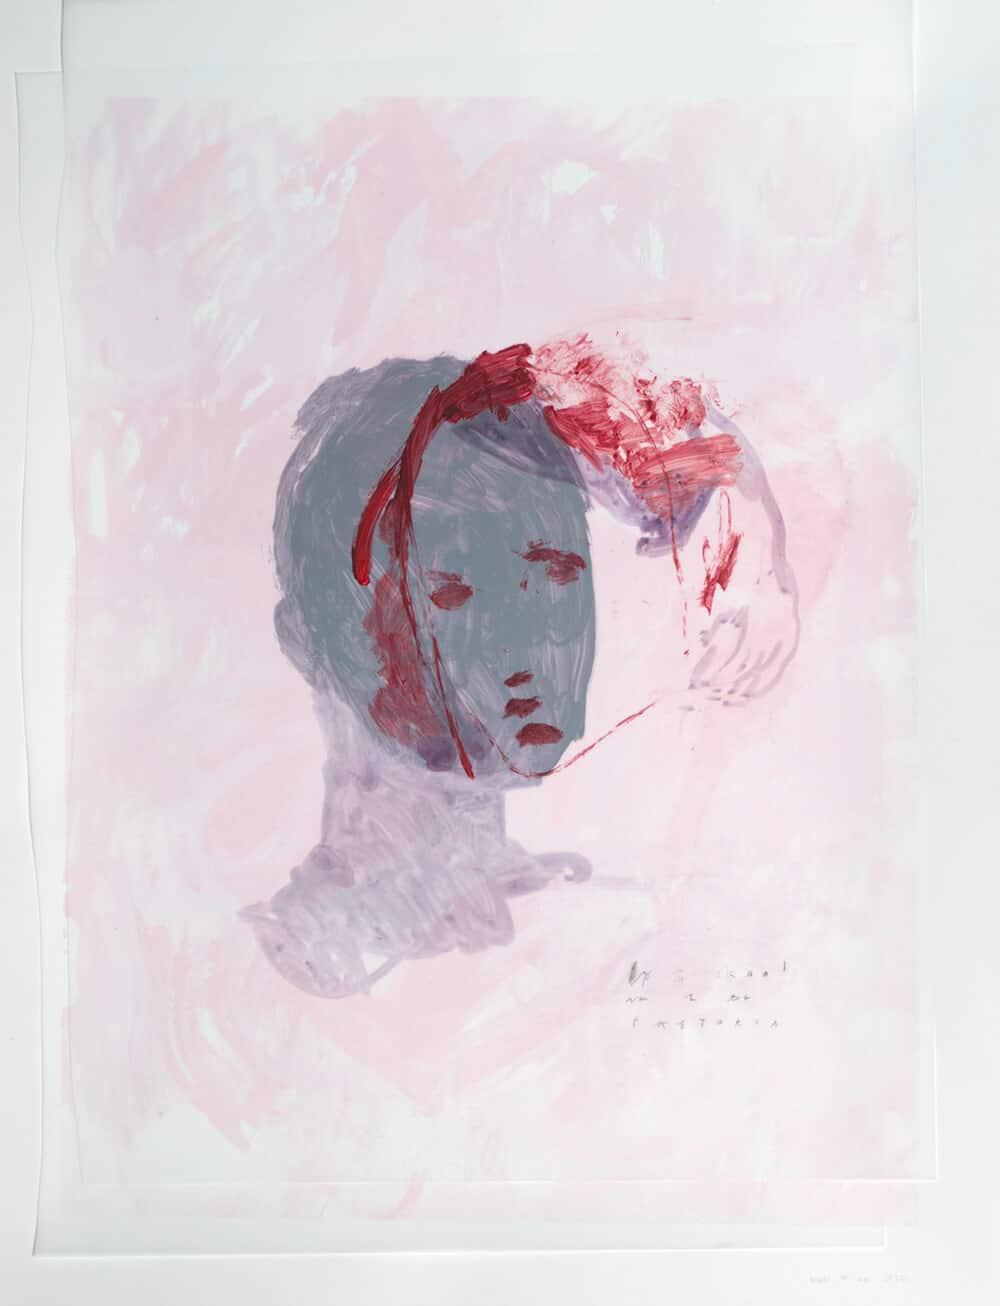 Elsabé Milandri, Op 'n Skaal van 1 bis Pretoria, 2017. Acryl auf Zeichenfilm und Siebdruck-Monotypie, 66 x 51 cm. Mit freundlicher Genehmigung von SMITH.